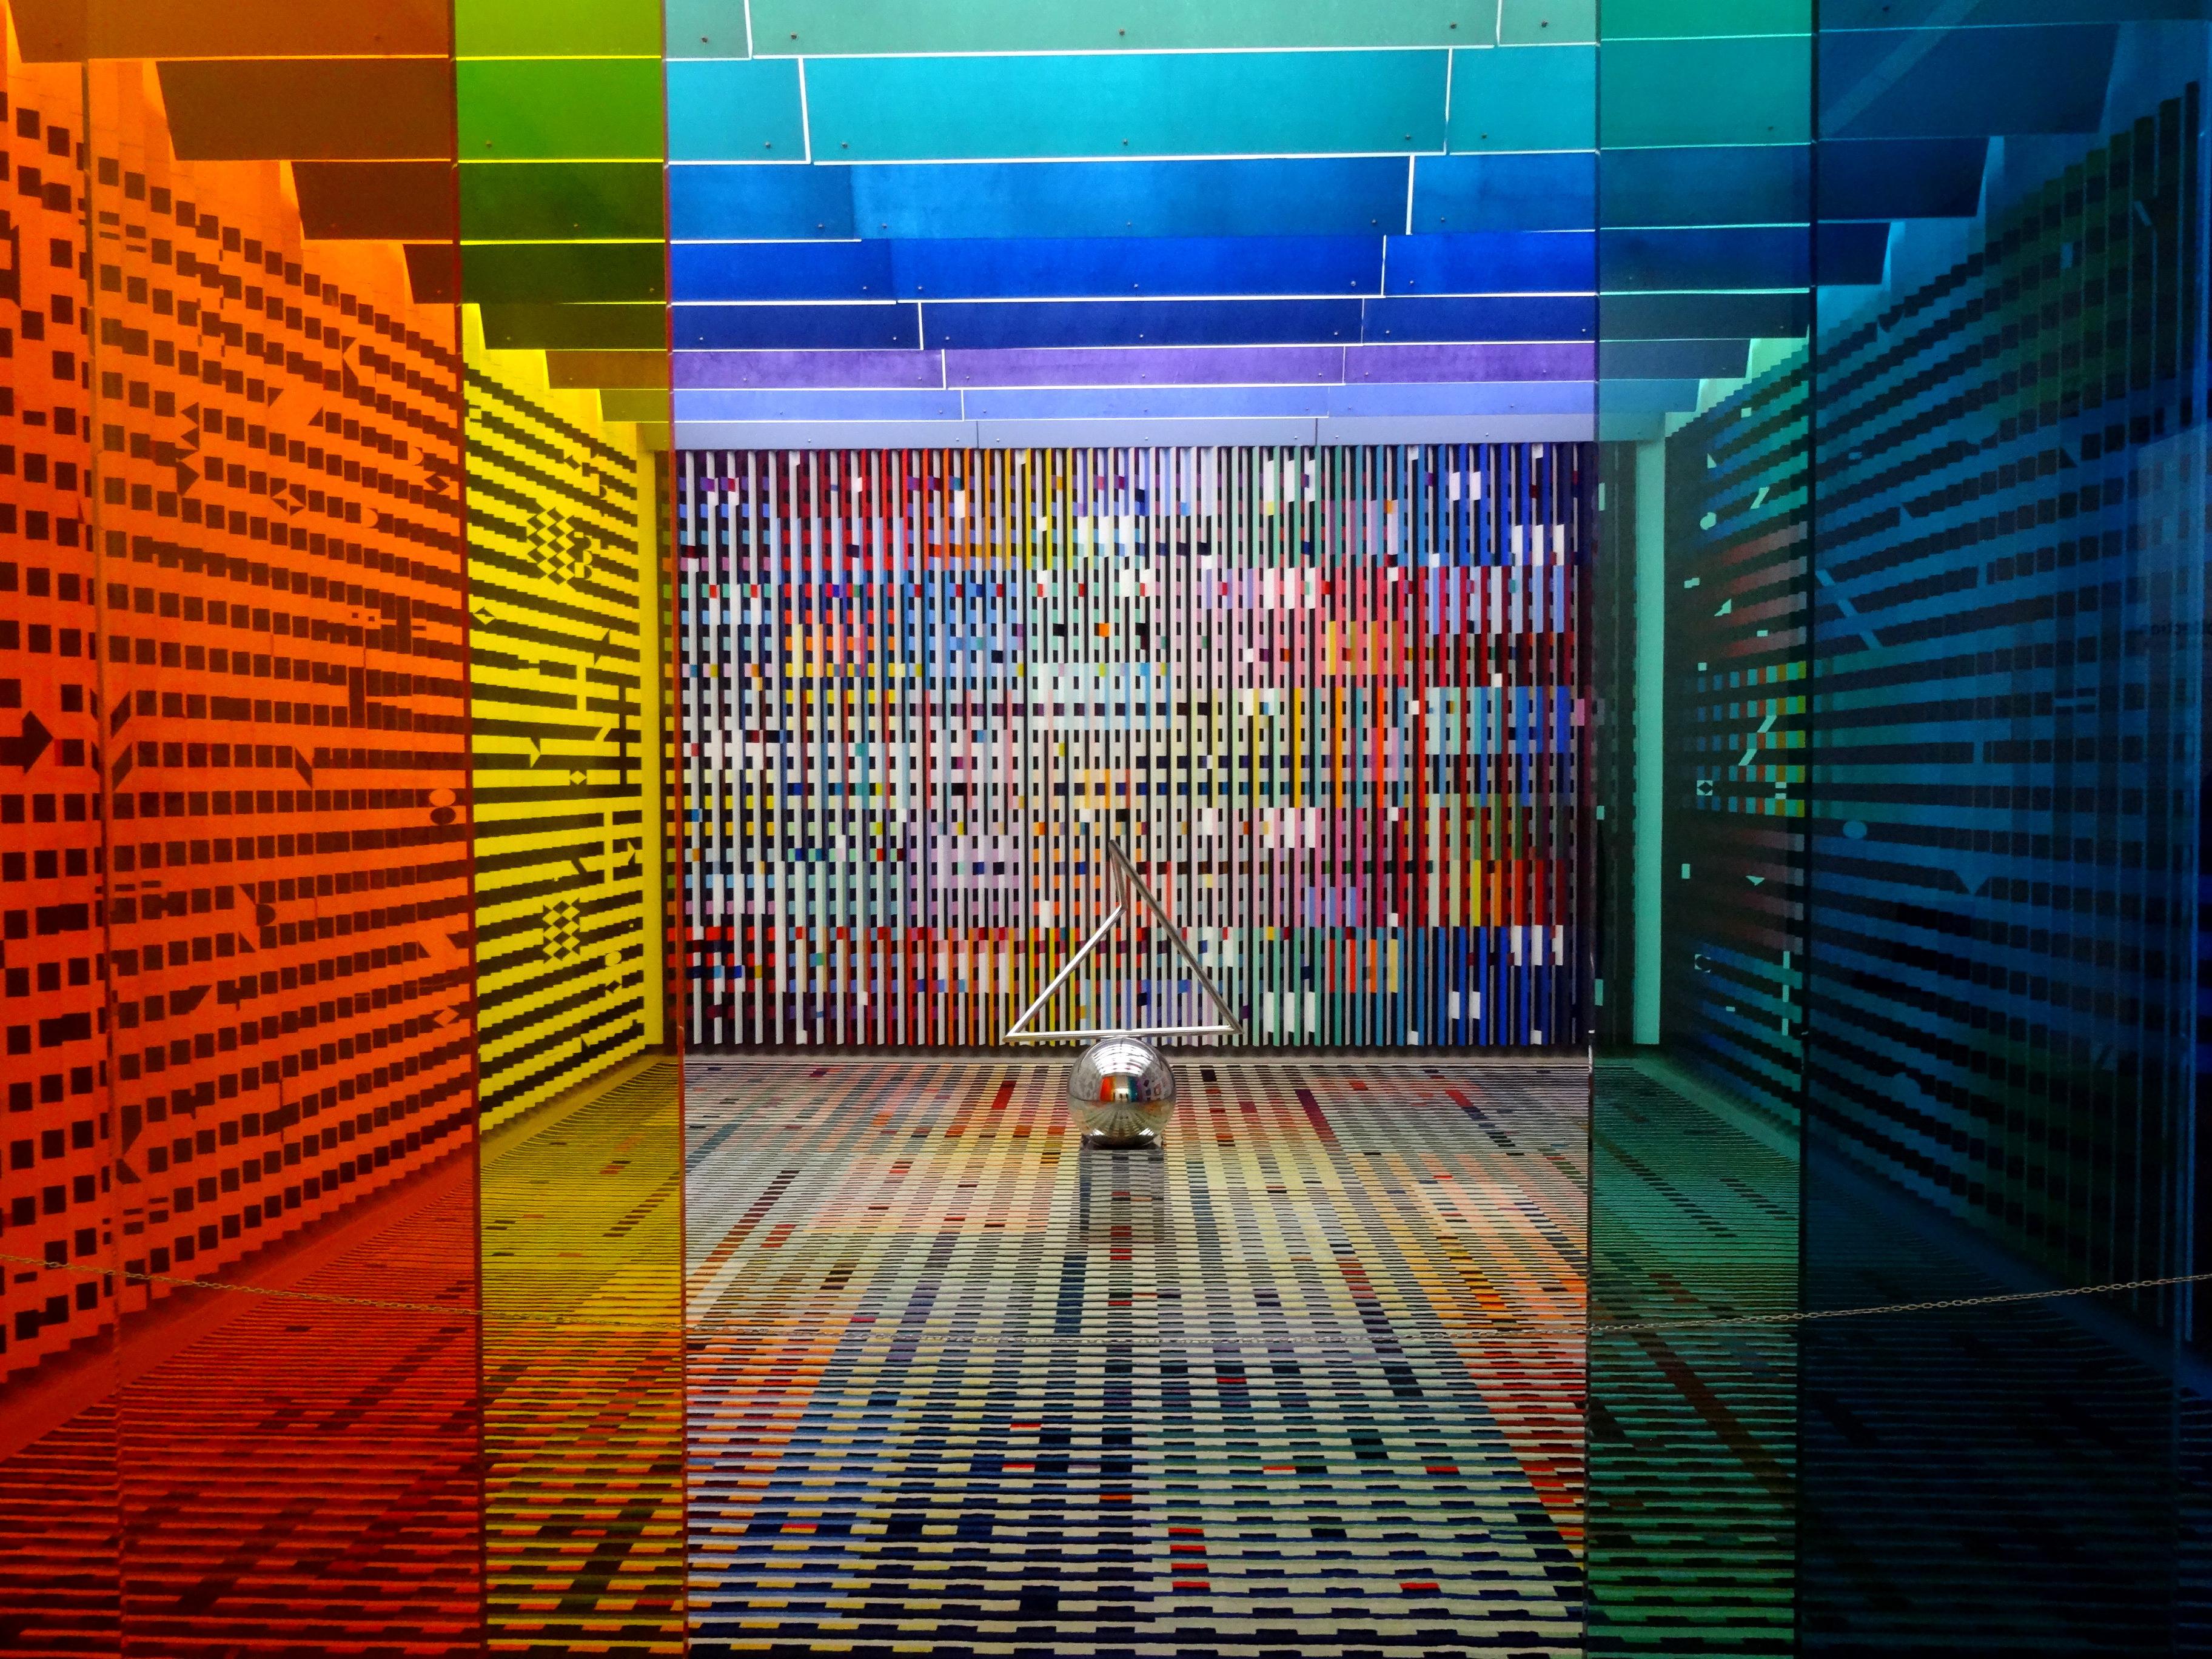 Konkurs Malowane na szkle - Centrum Pompidou - przykład zdjęcia